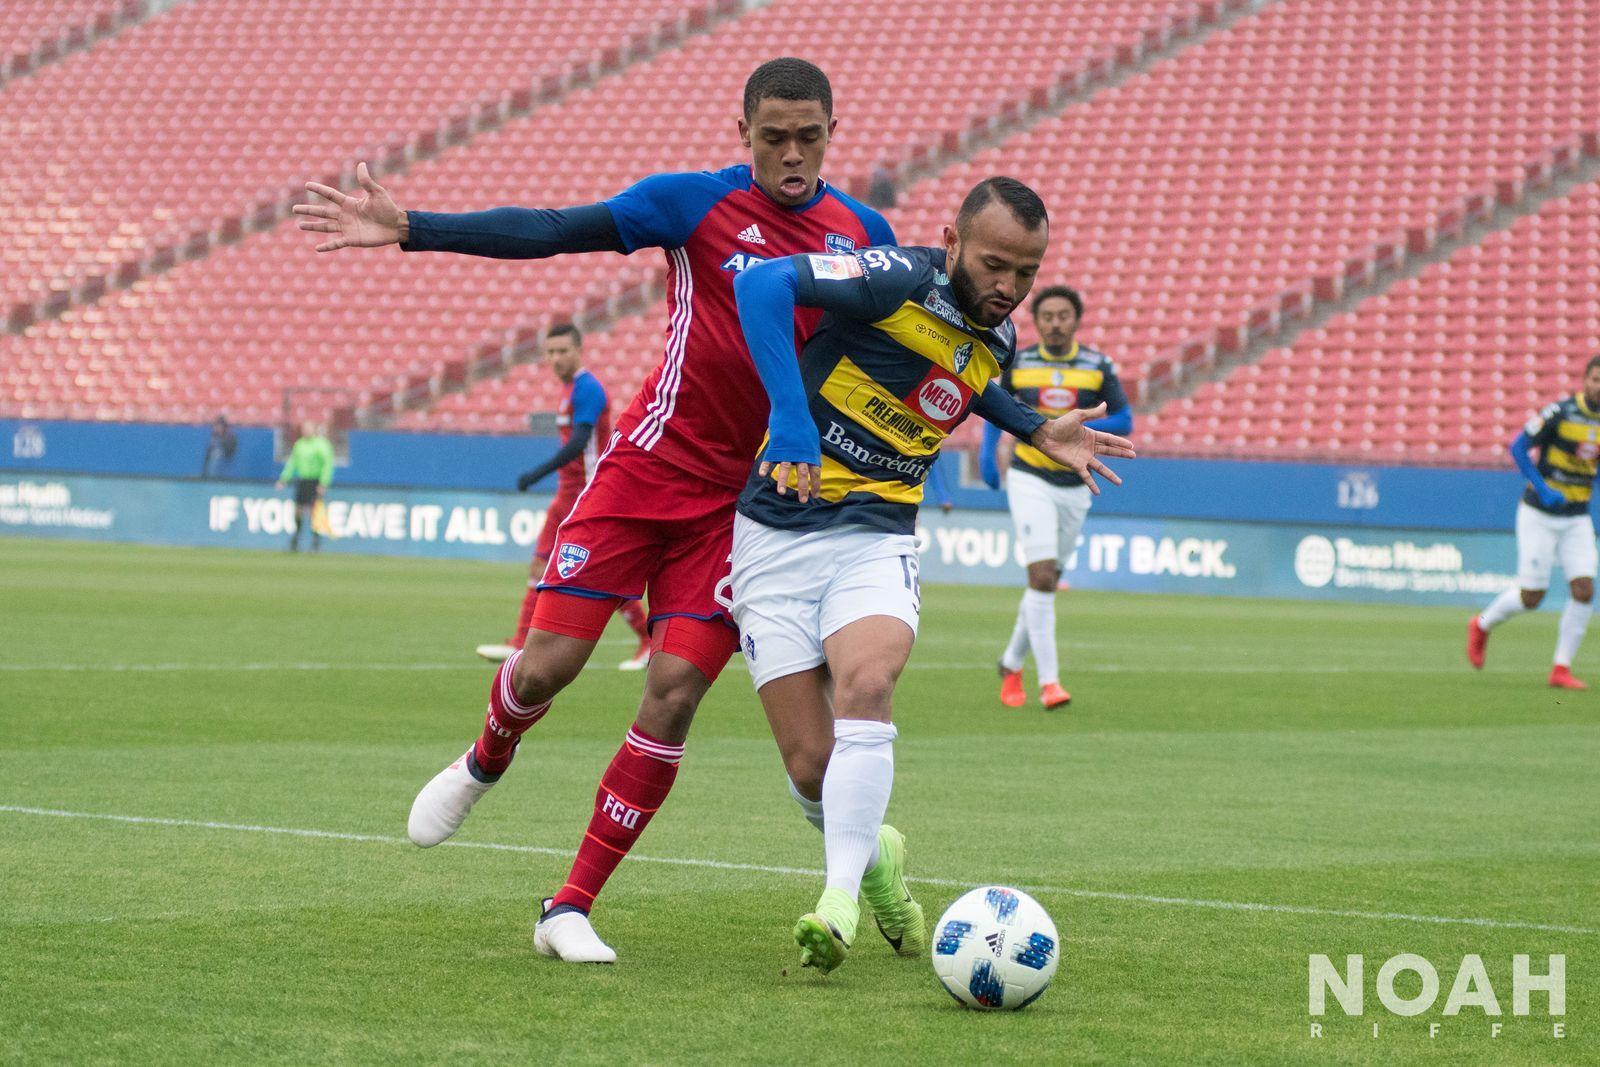 FC Dallas vs. C.S. Cartaginés: Match Photos - By: Noah Riffe